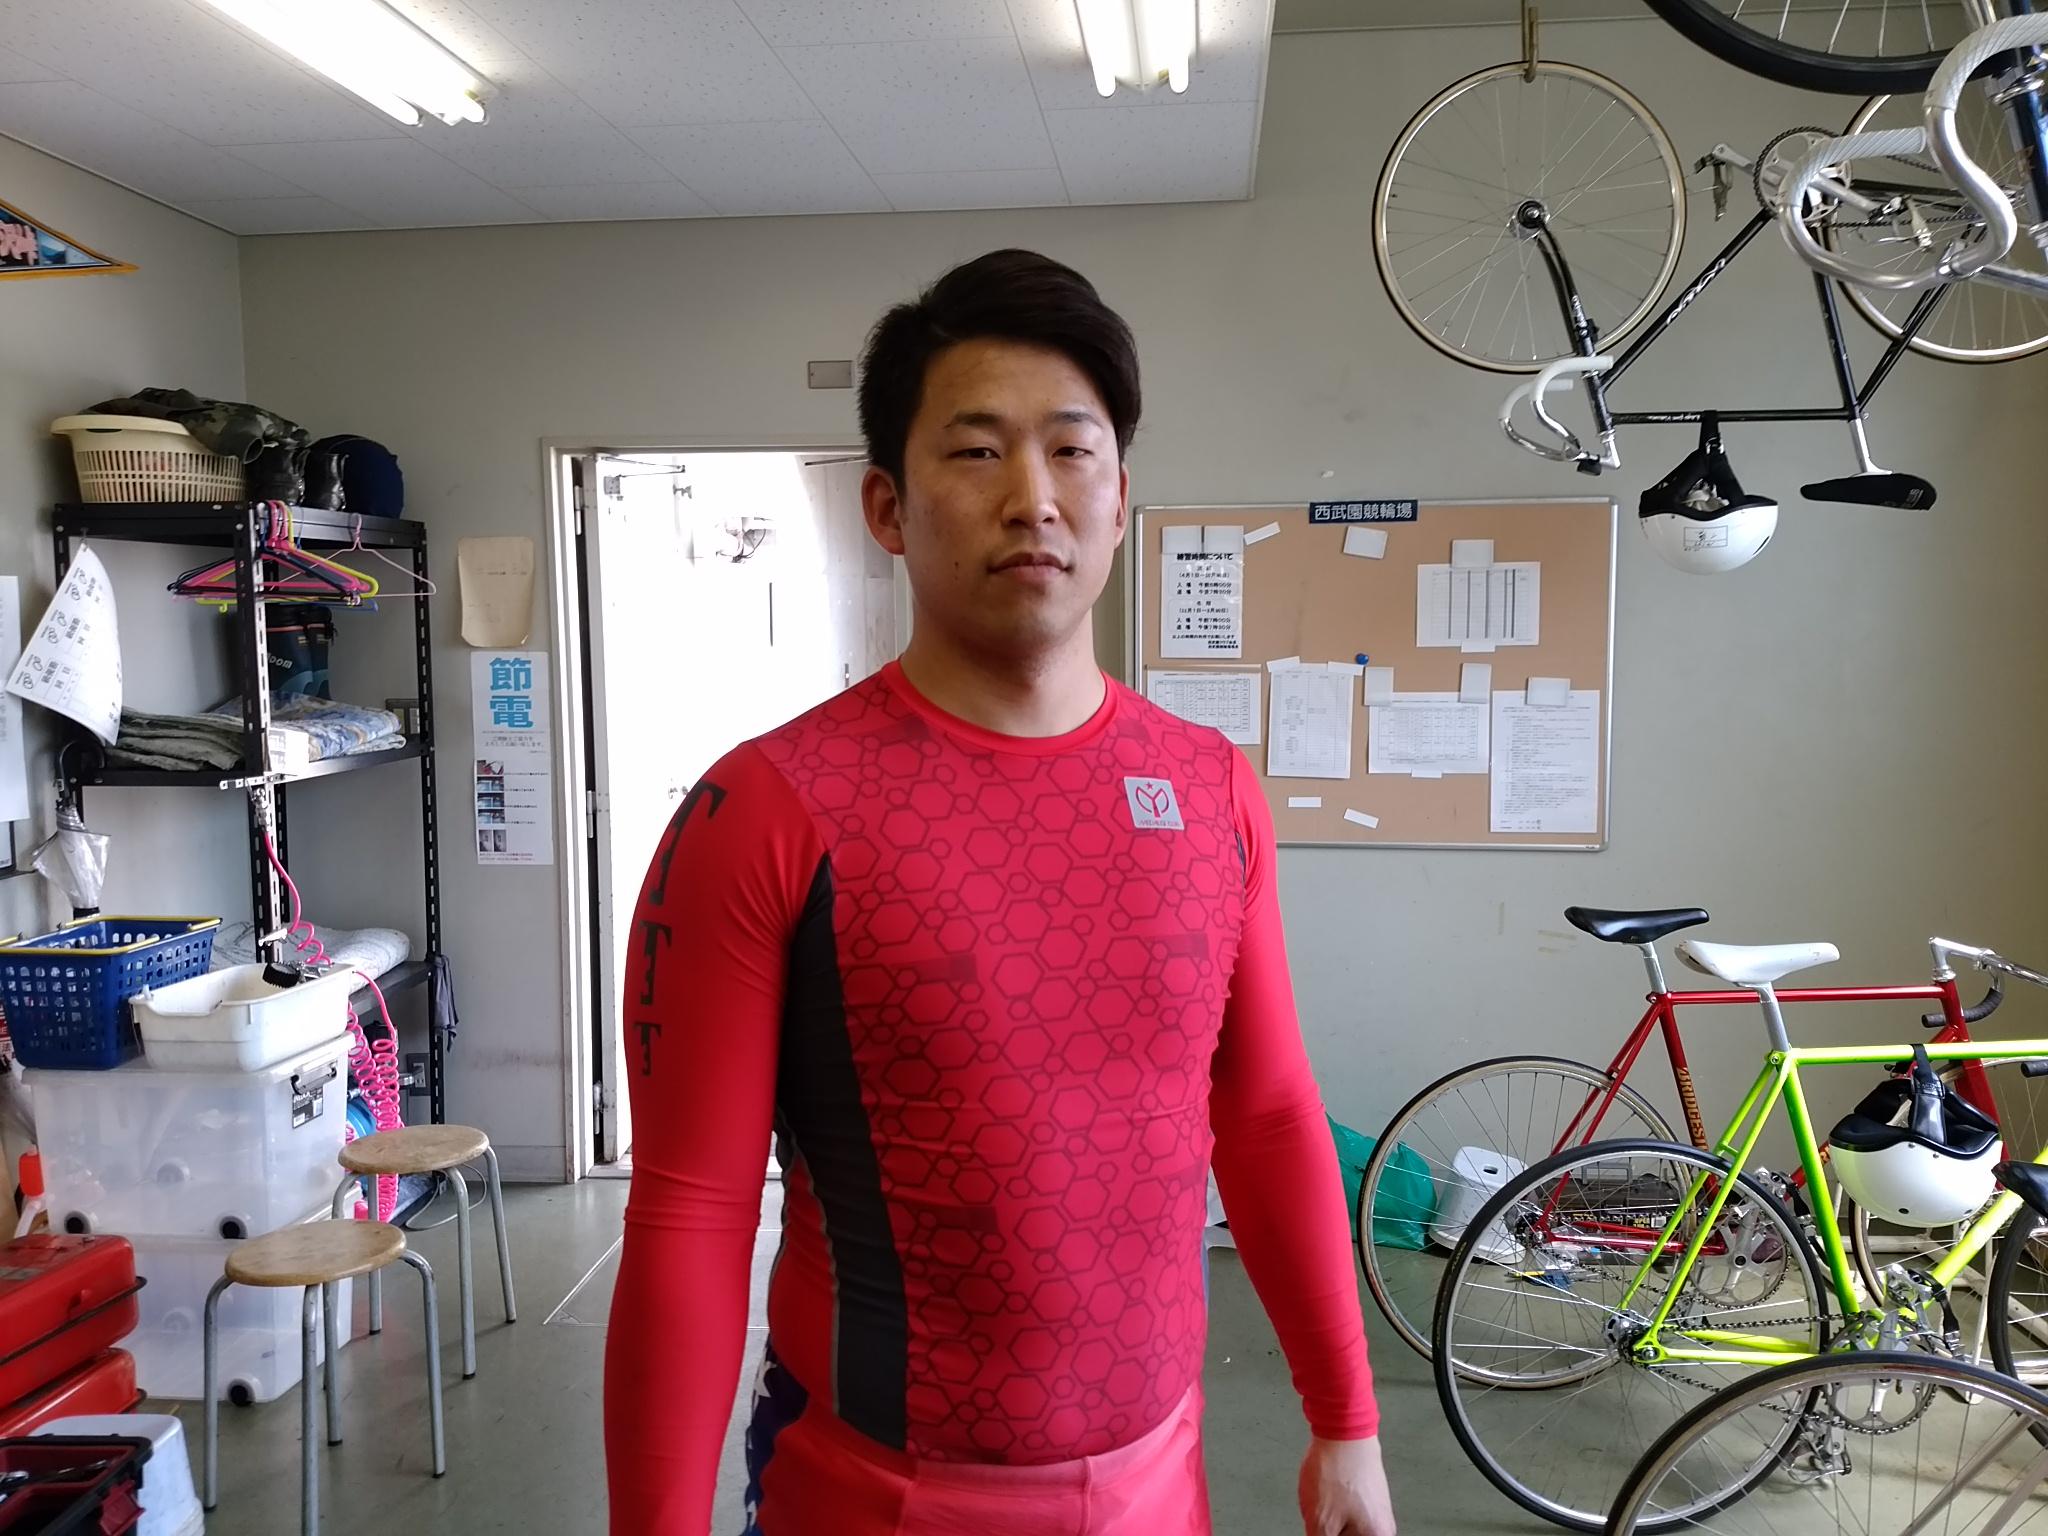 「A級好調選手ピックアップ」 東京支部・大矢崇弘選手